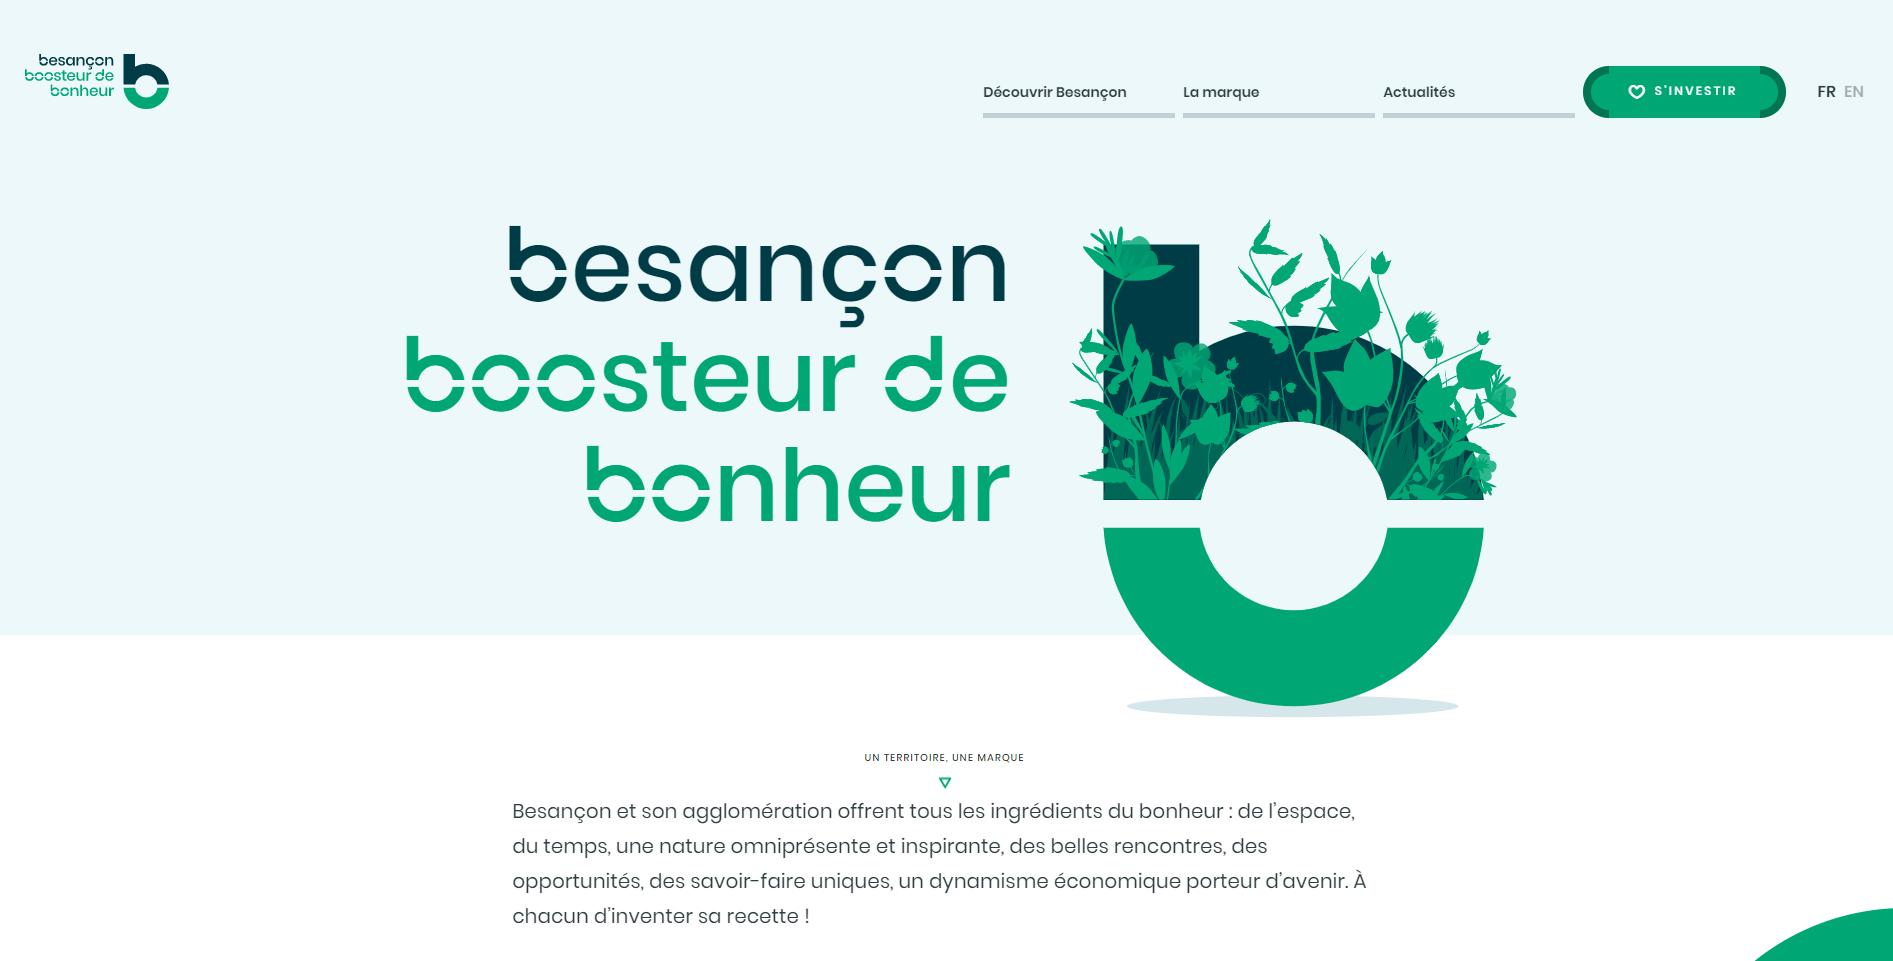 La page accueil du site Besançon